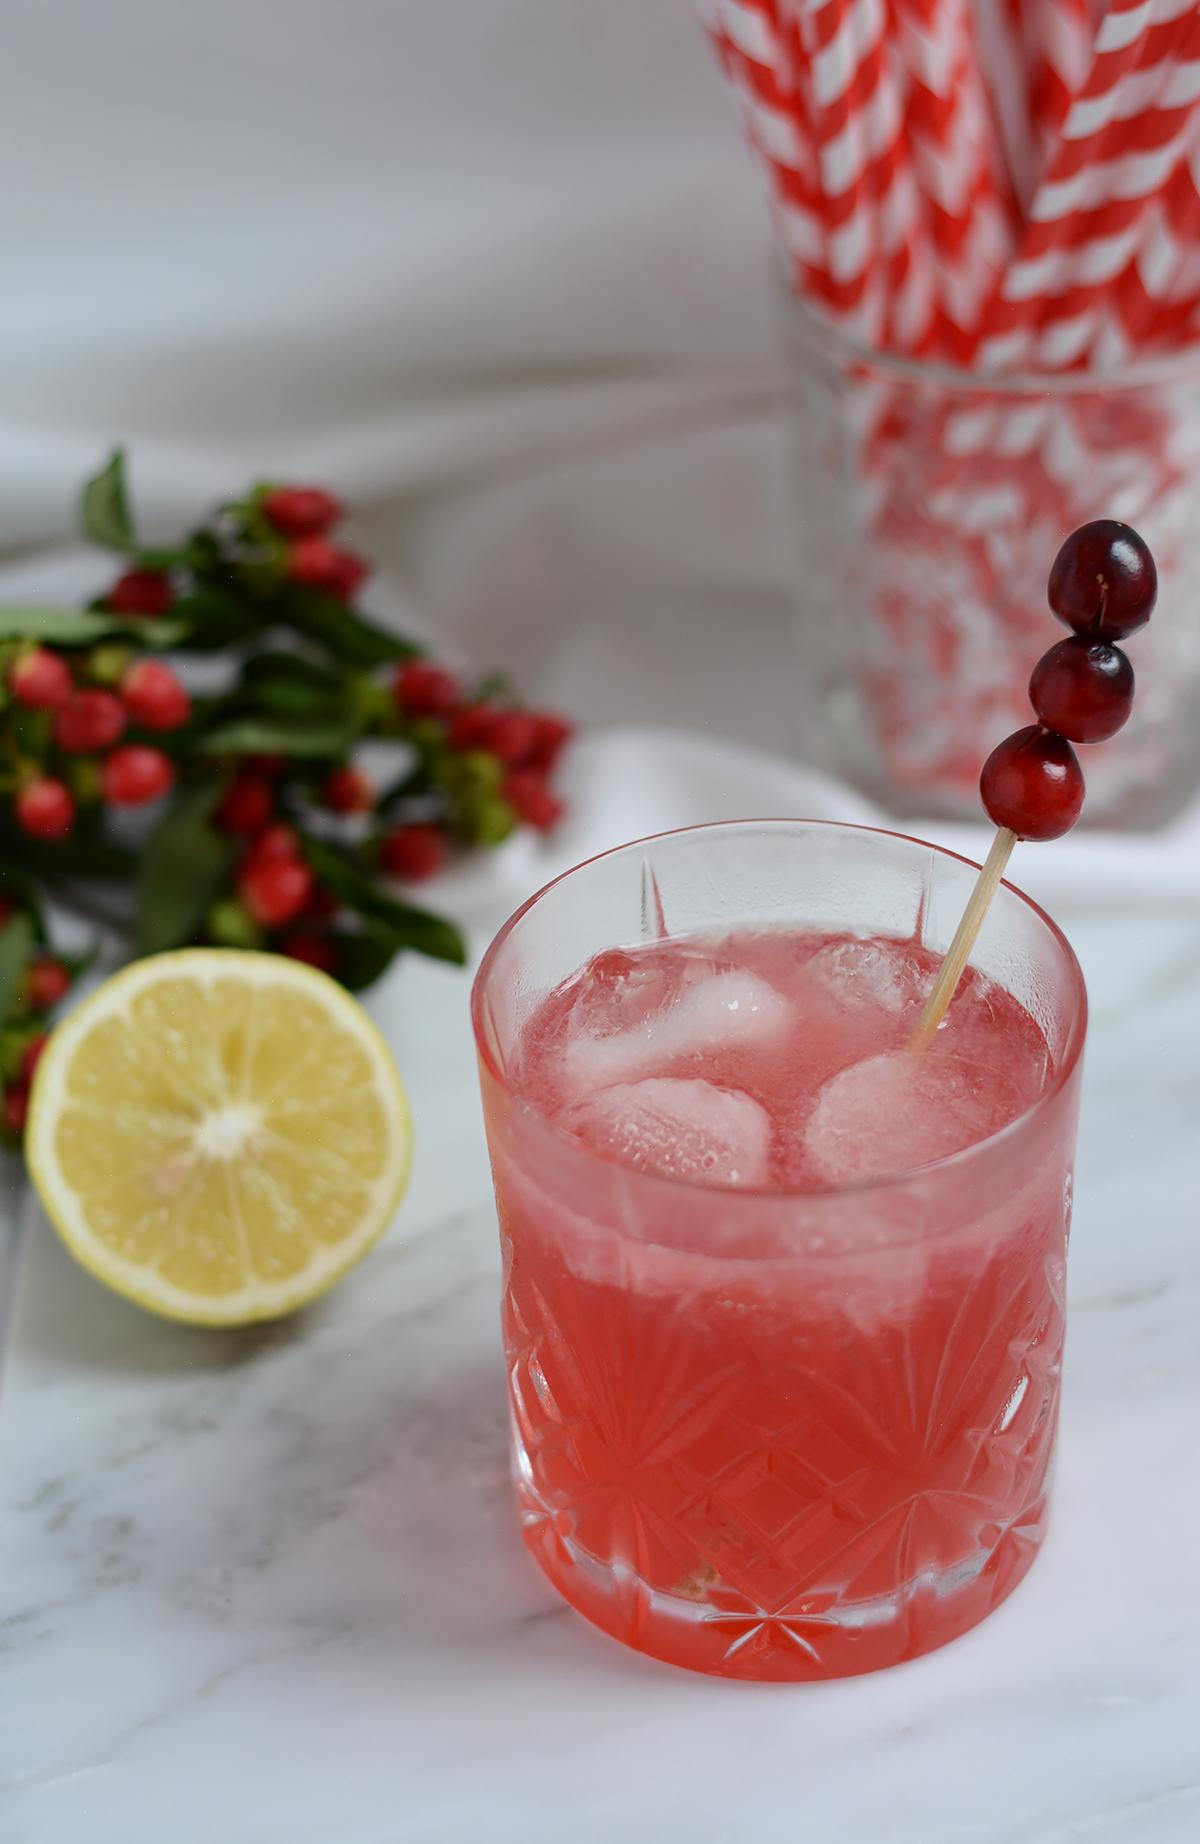 Cranberry-Mule Recipe | Pixi mit Milch